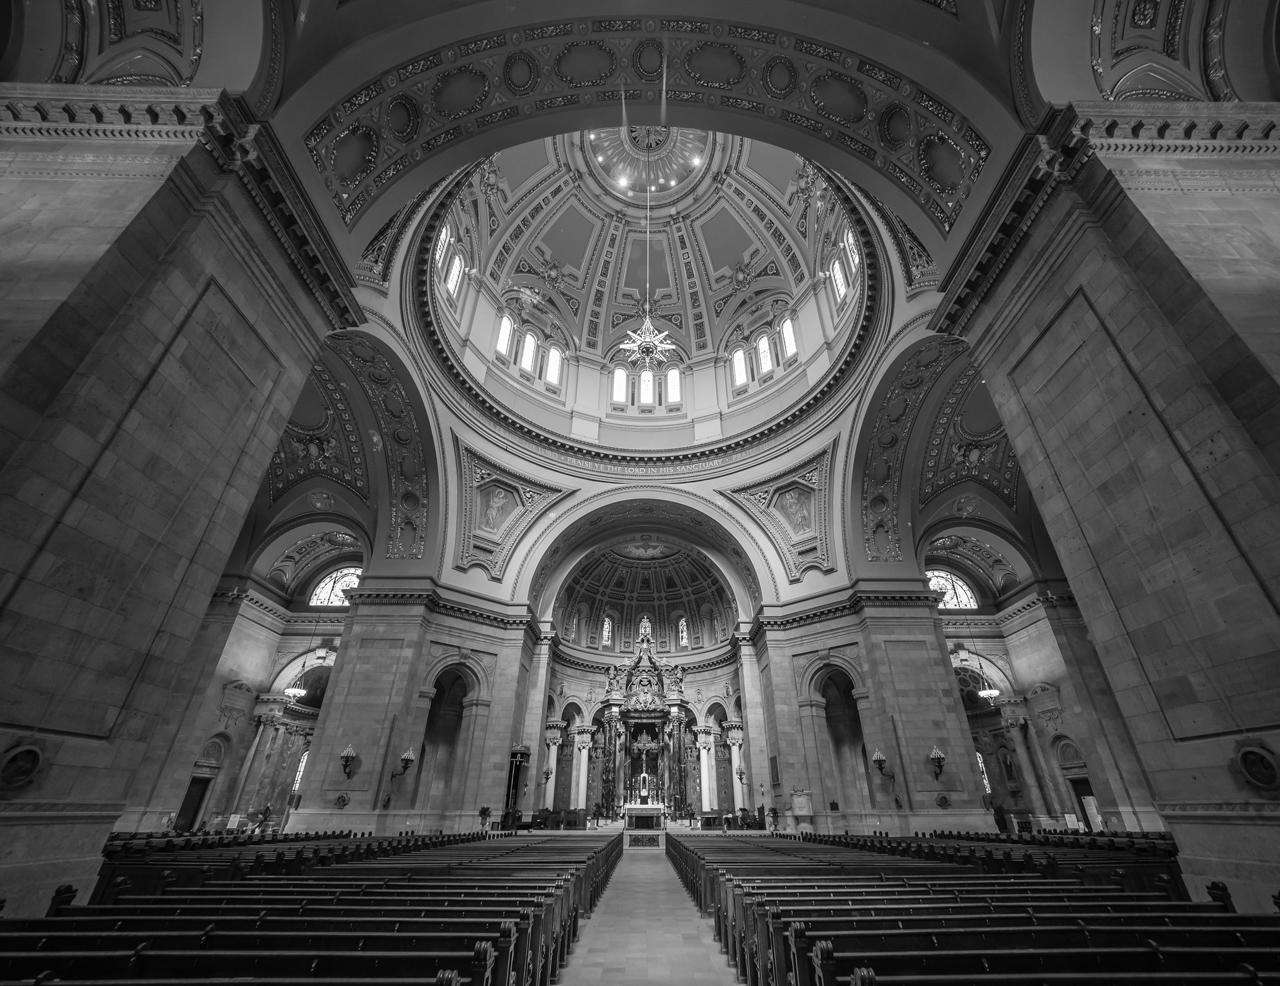 Sanctuary - Monochrome Print - Bob Muschewske